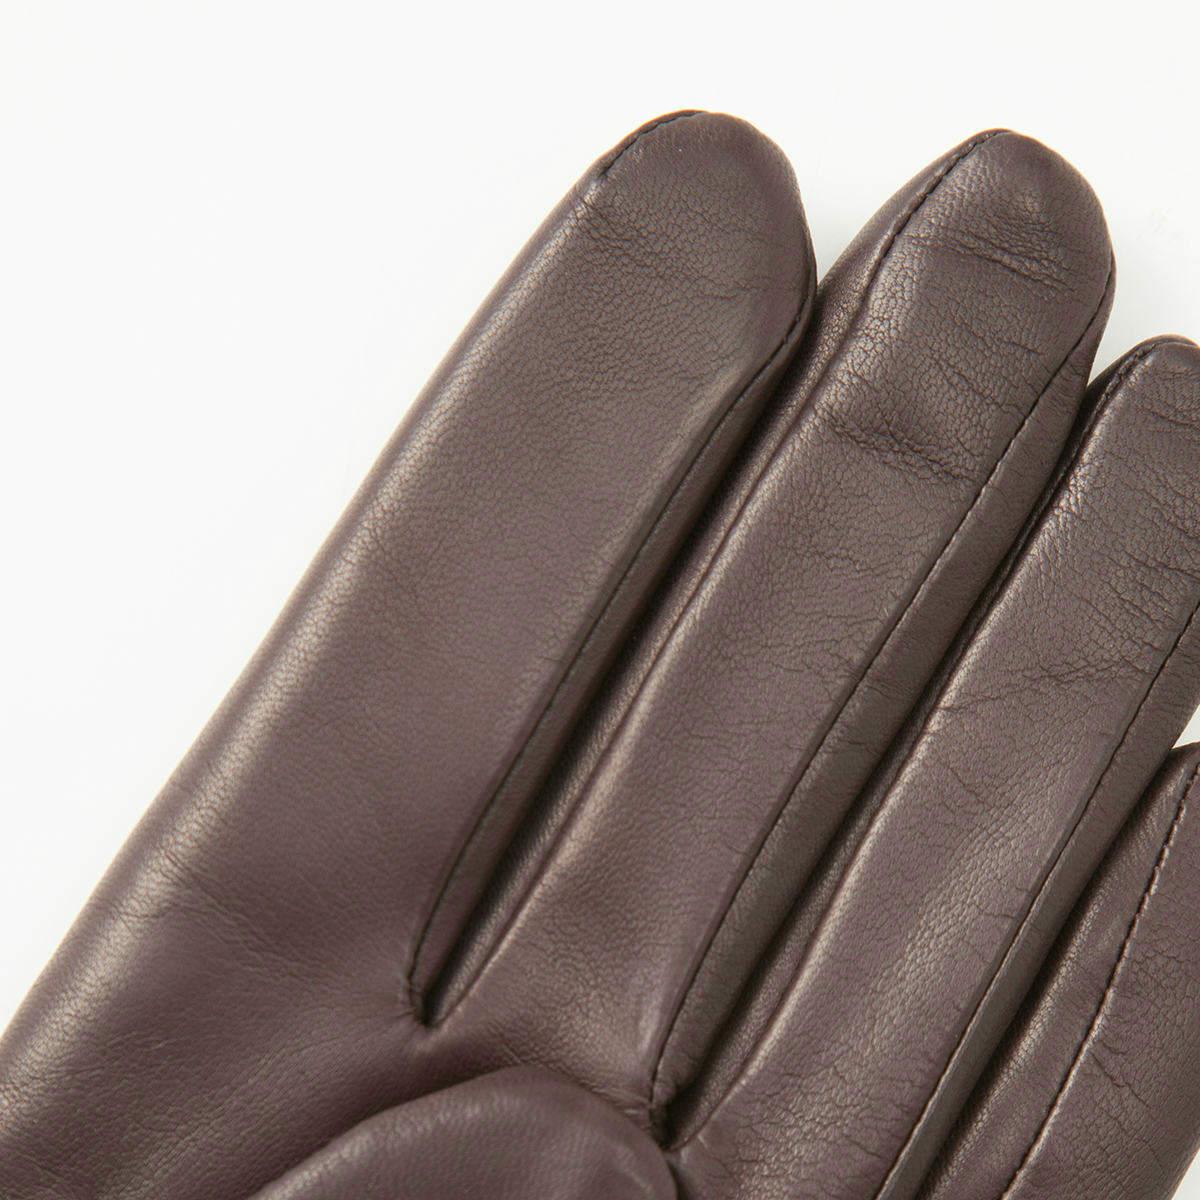 アルタクラッセ カプリガンティ 日本製 あったかニット裏地 メンズ 革手袋 全3色 23cm(SM)